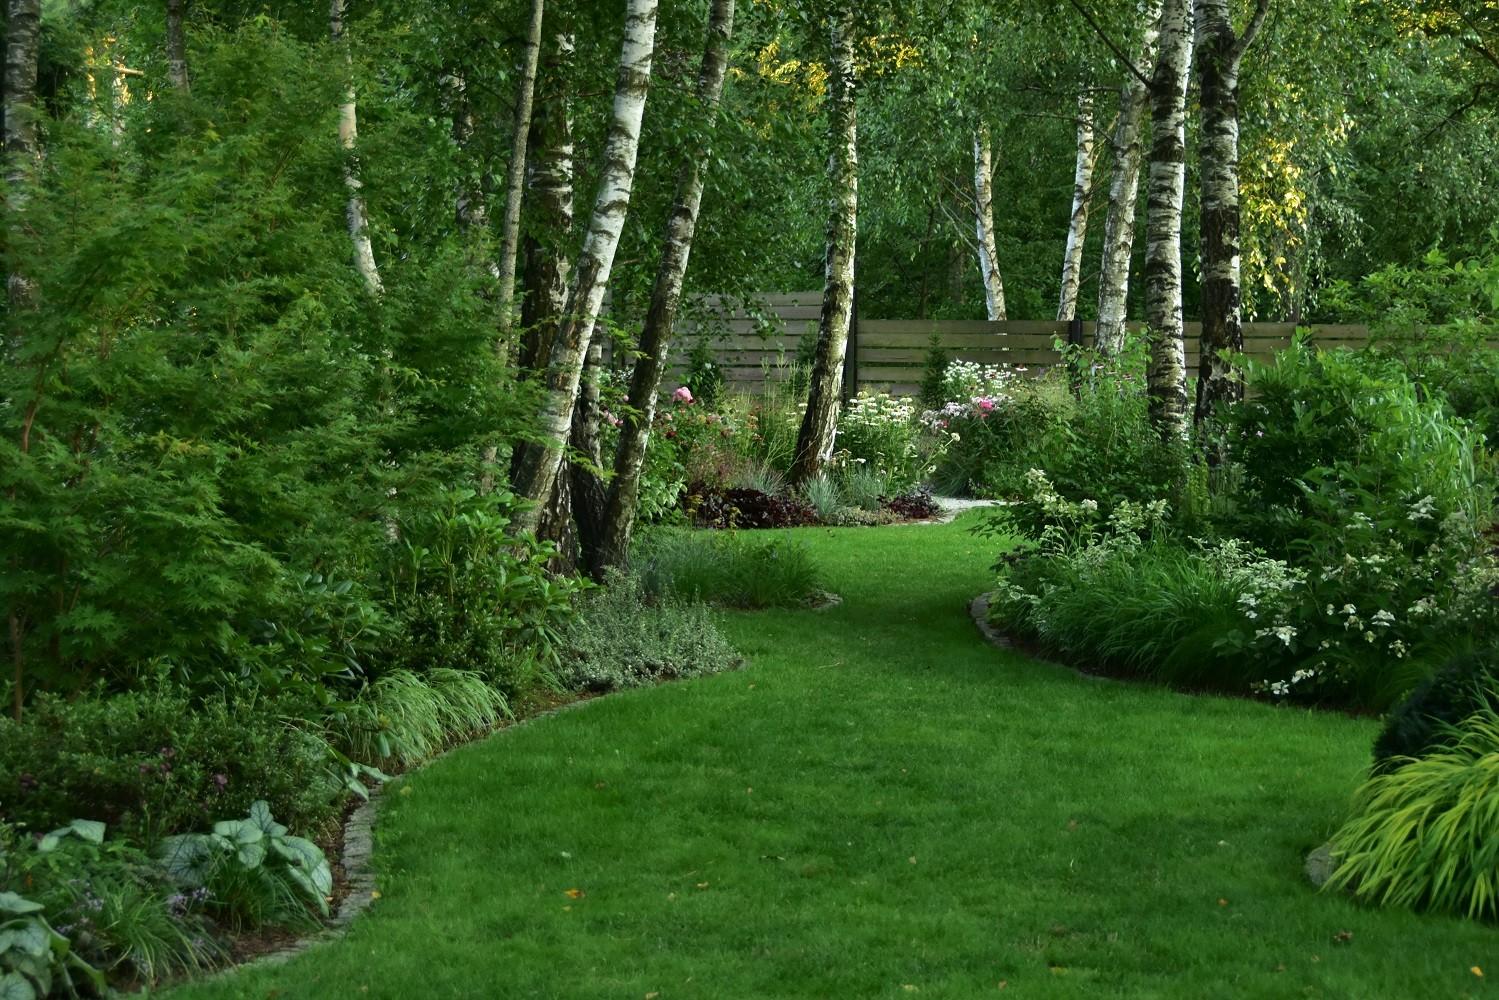 ogród cienisty Izy - lipiec; ogród w cieniu; kule cisowe;